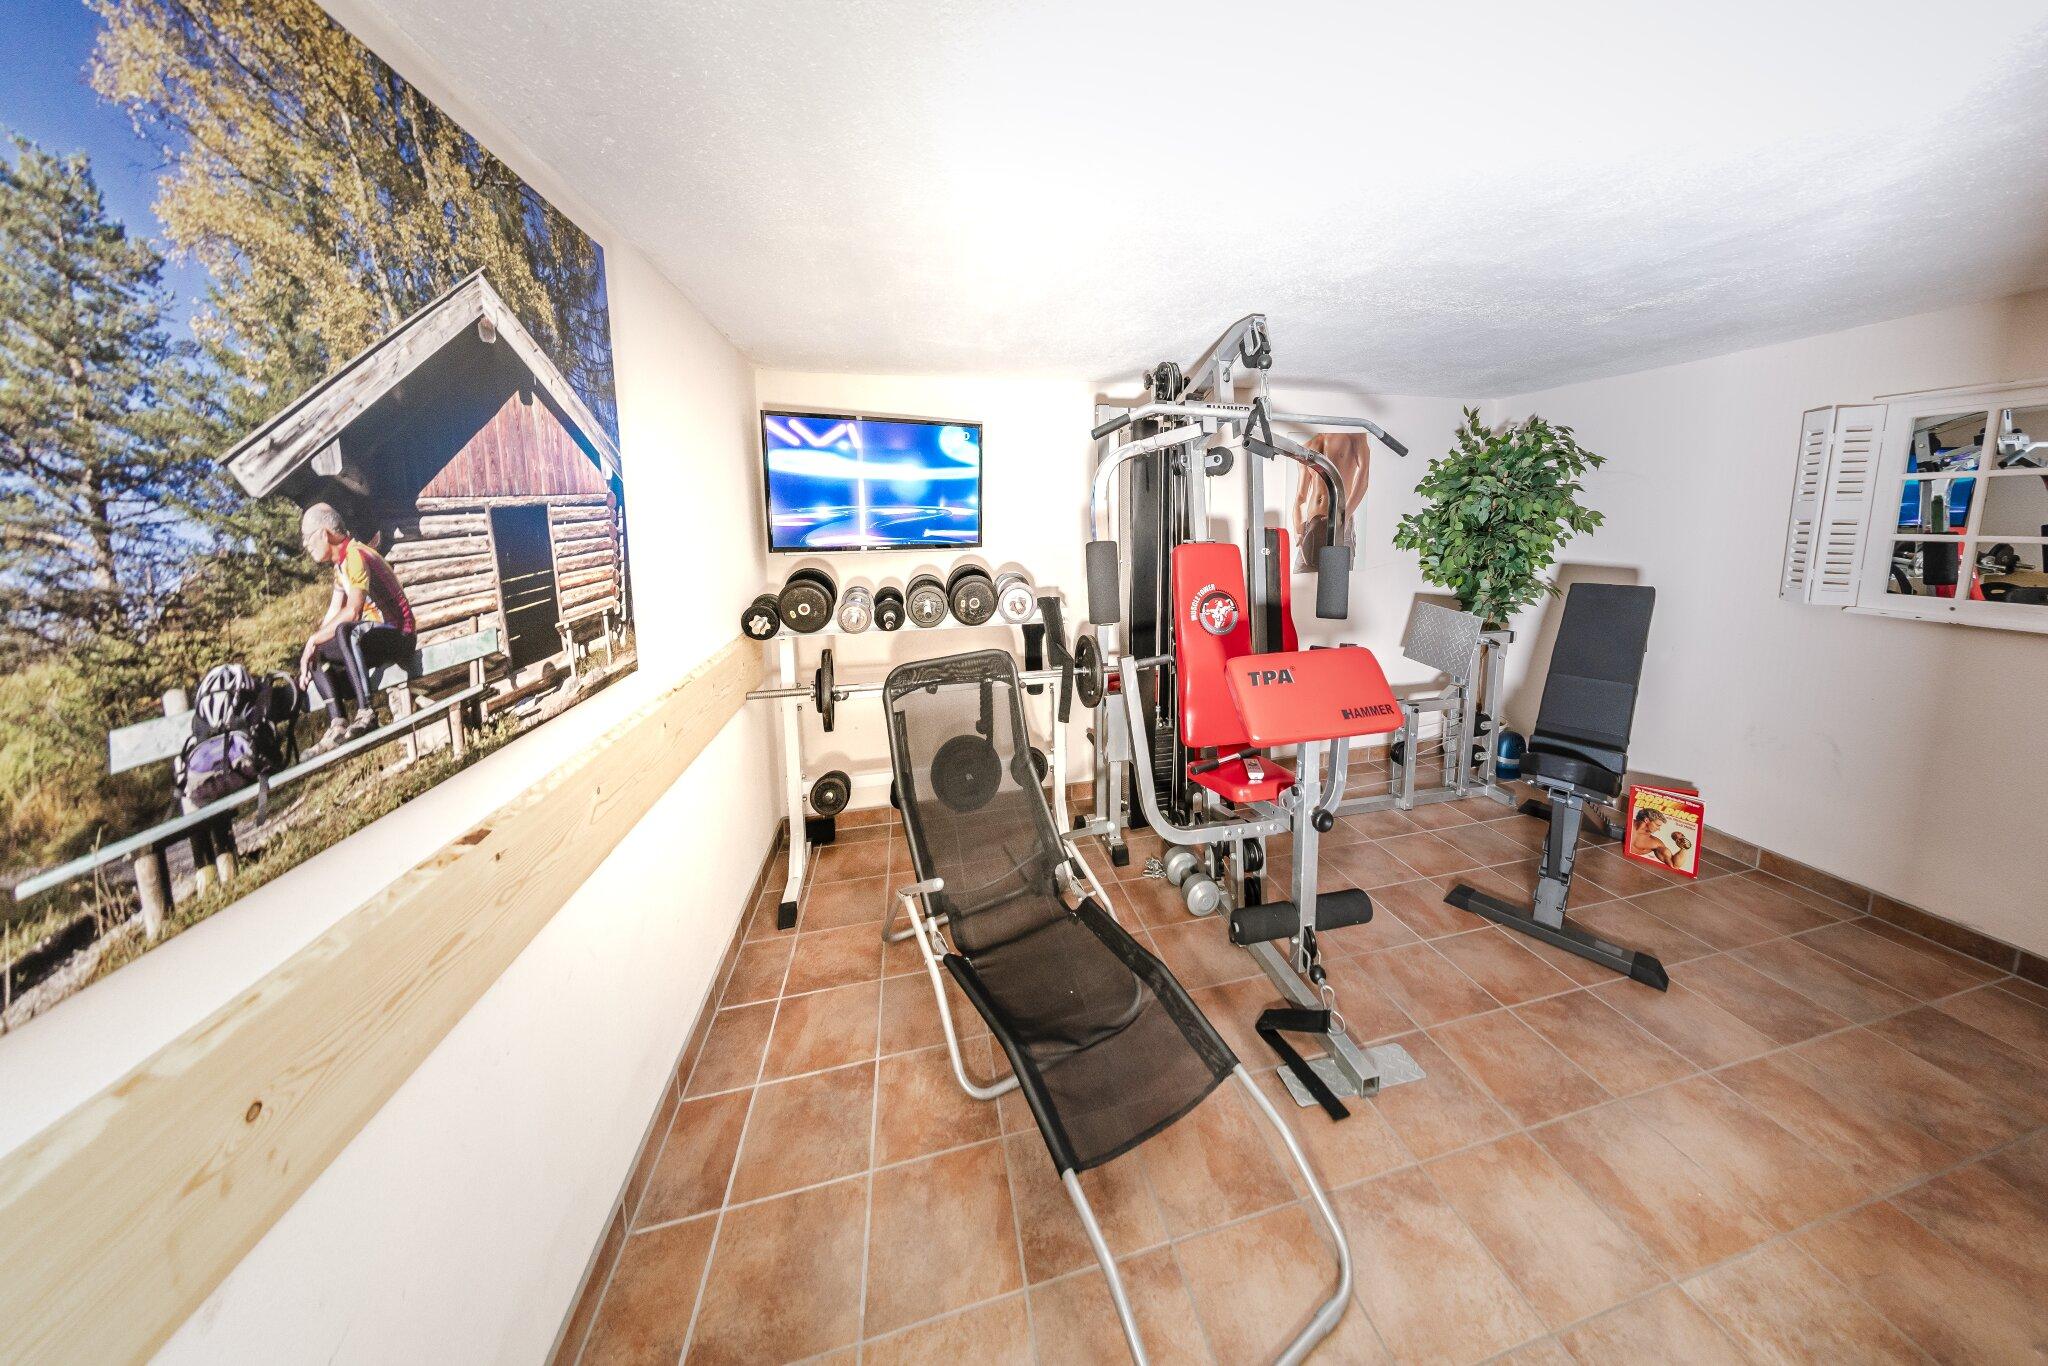 Fitnessraum mit TV und Liegestühlen